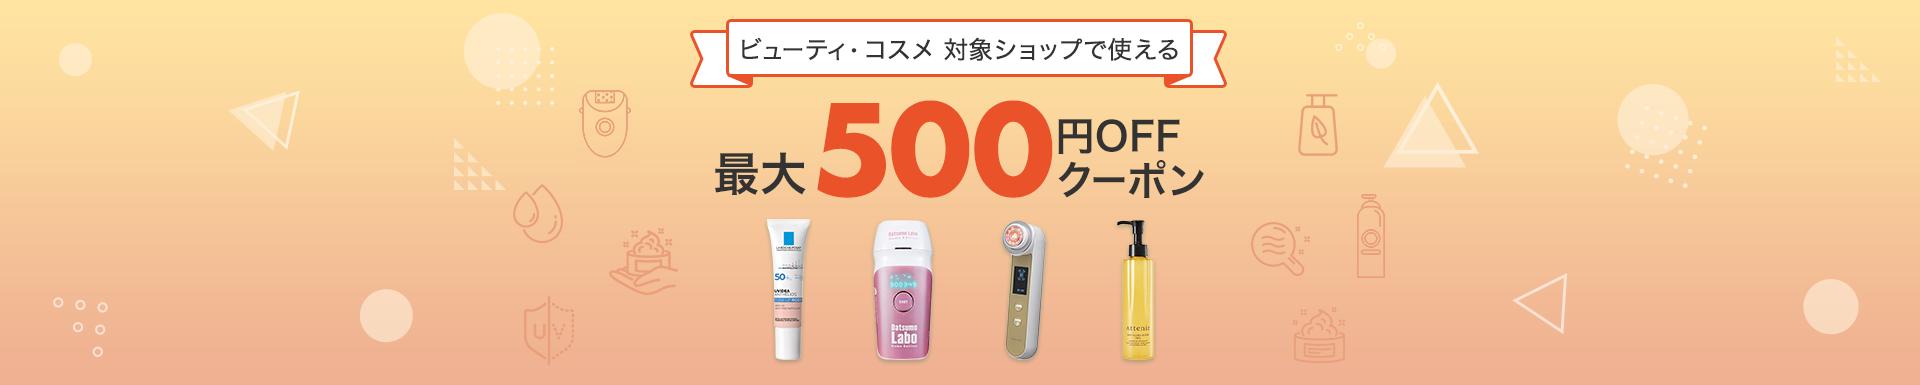 ビューティー・コスメ 最大500円OFFクーポン